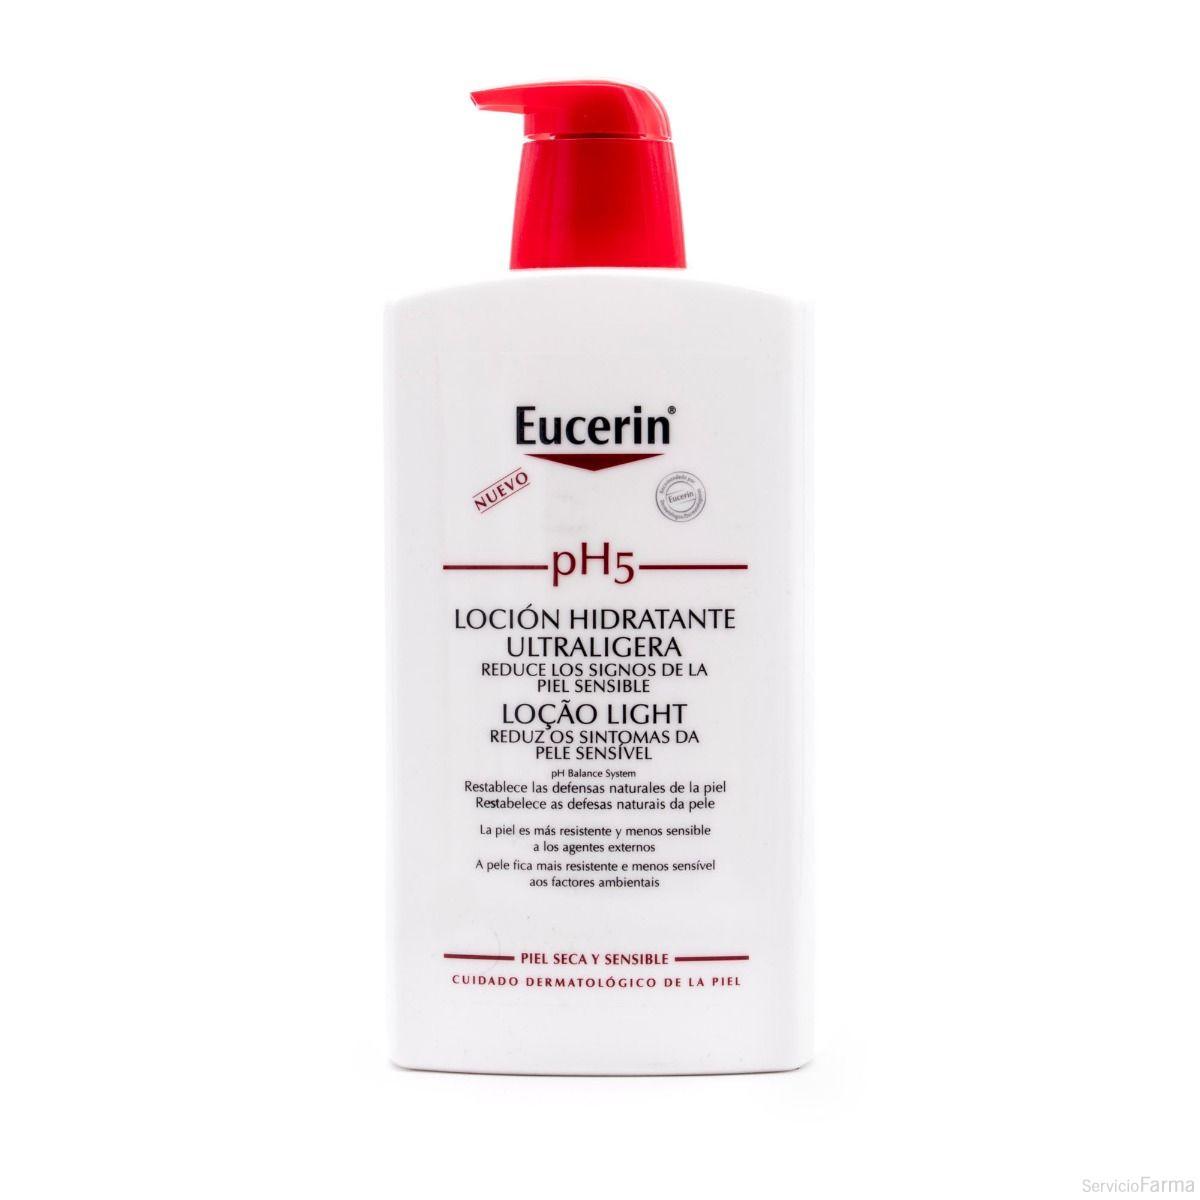 Eucerin Loción Hidratante Ultraligera pH5 1000 ml